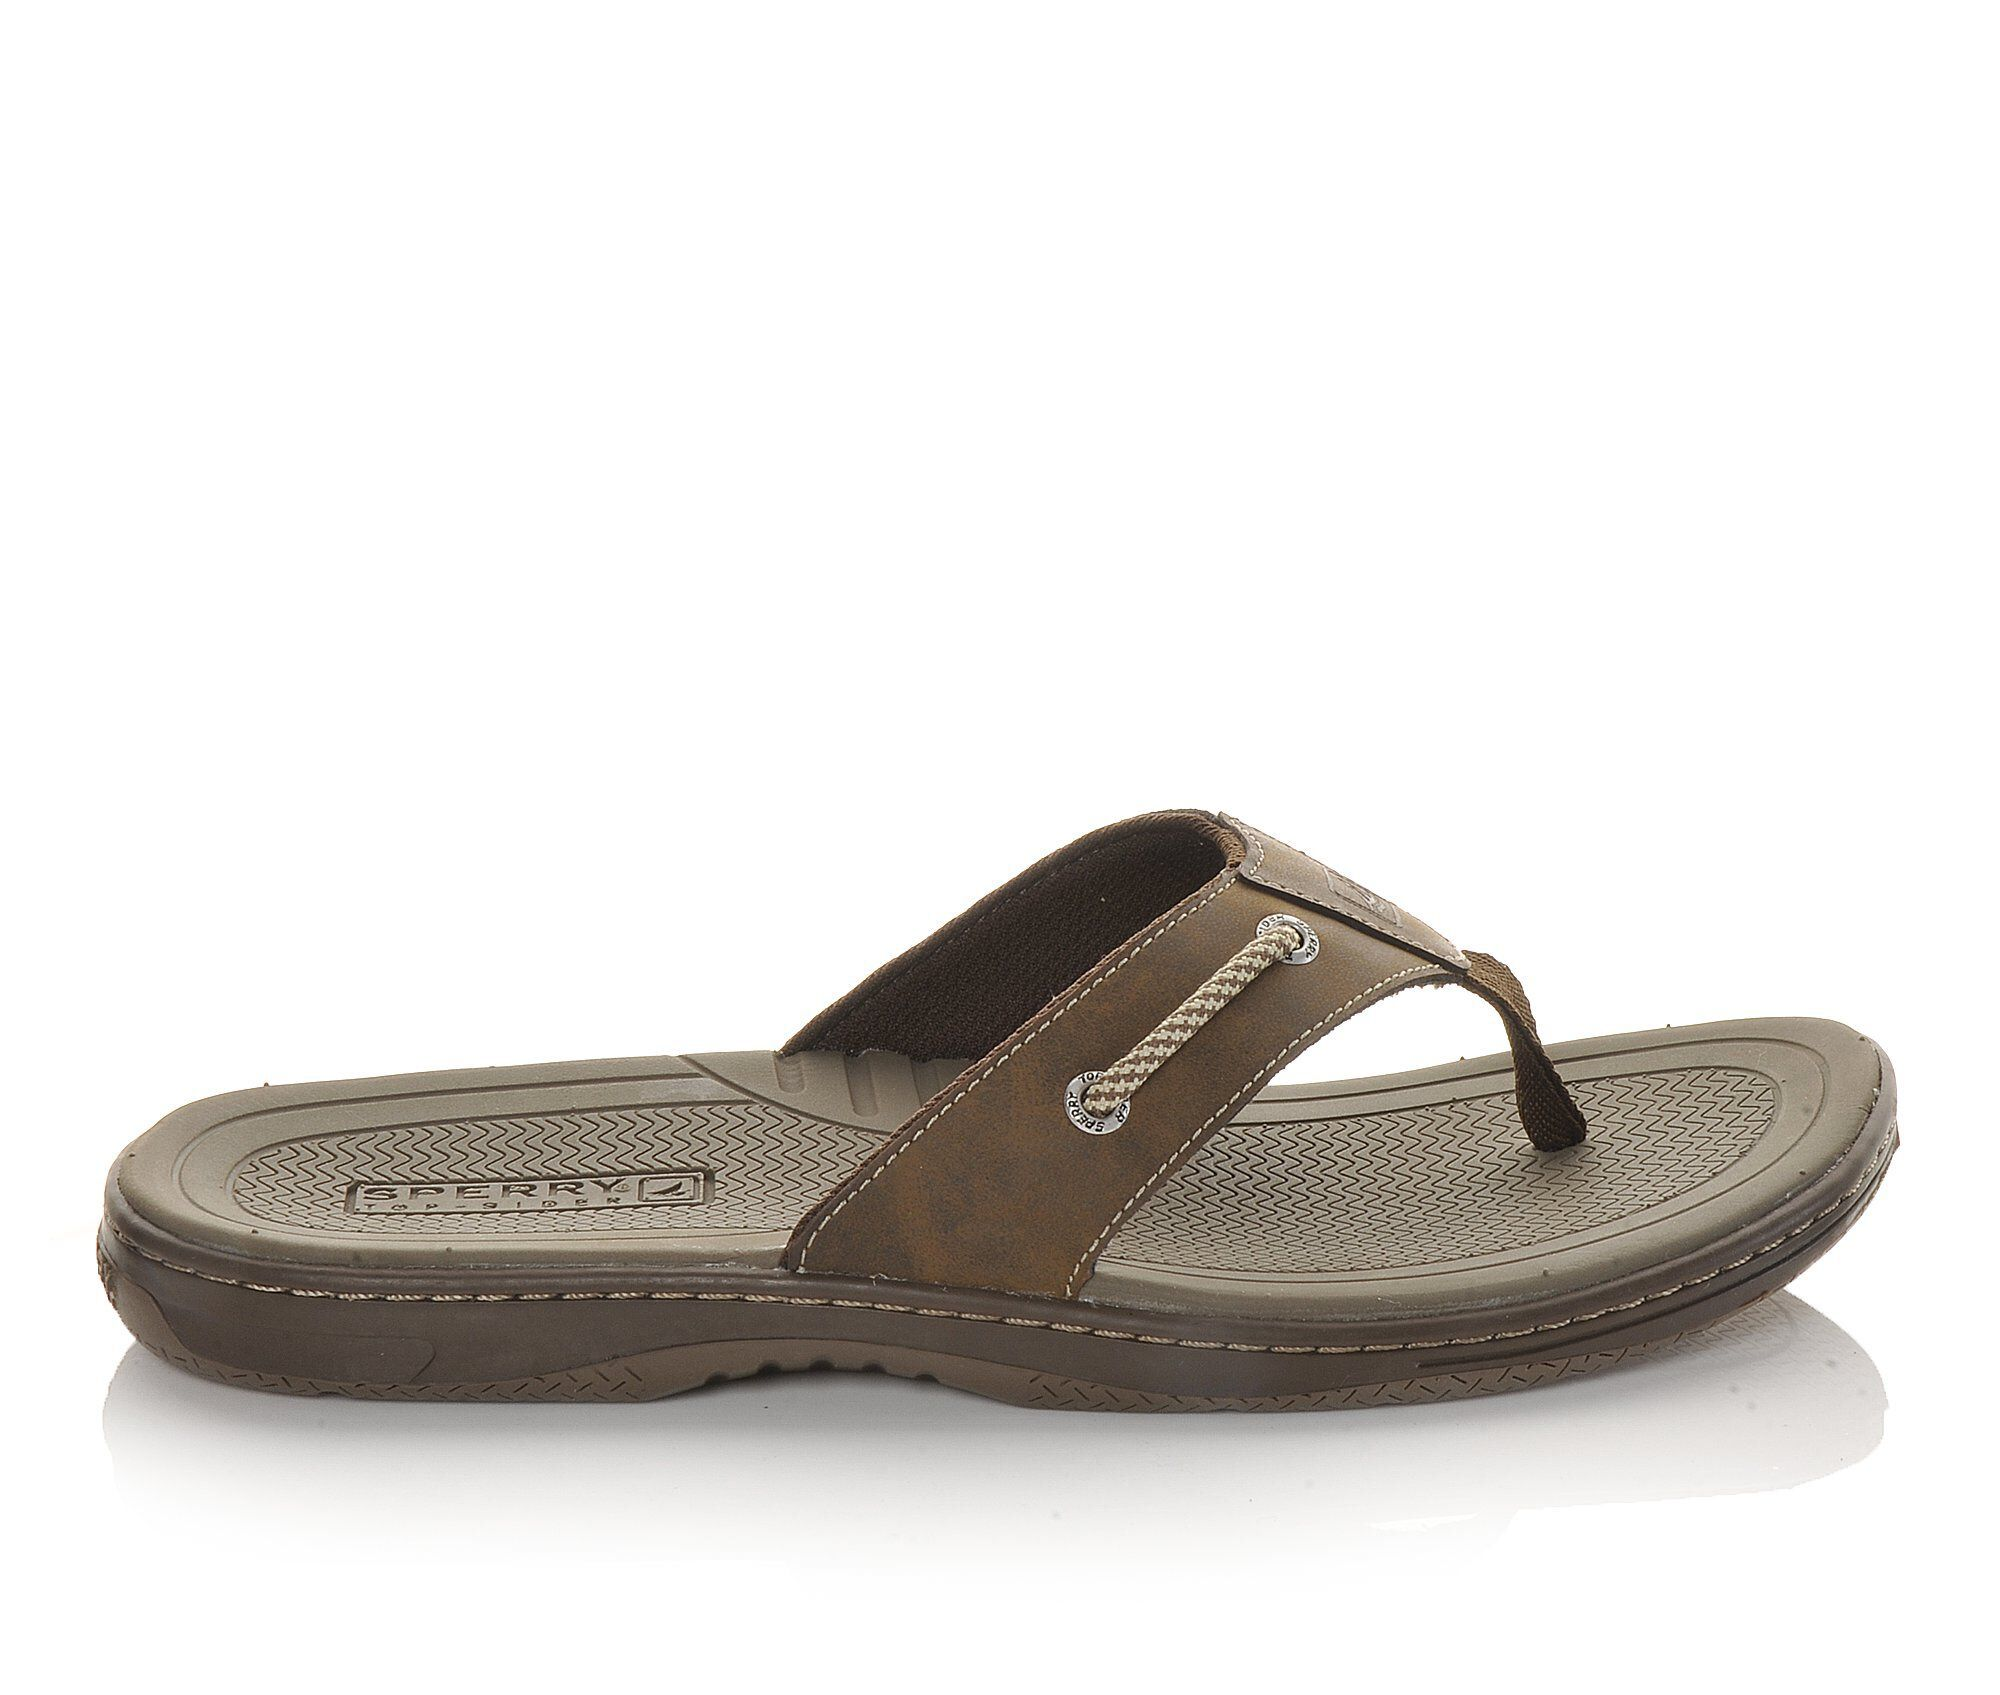 Men's Sperry Havasu Thong Flip-Flops Brown Leather